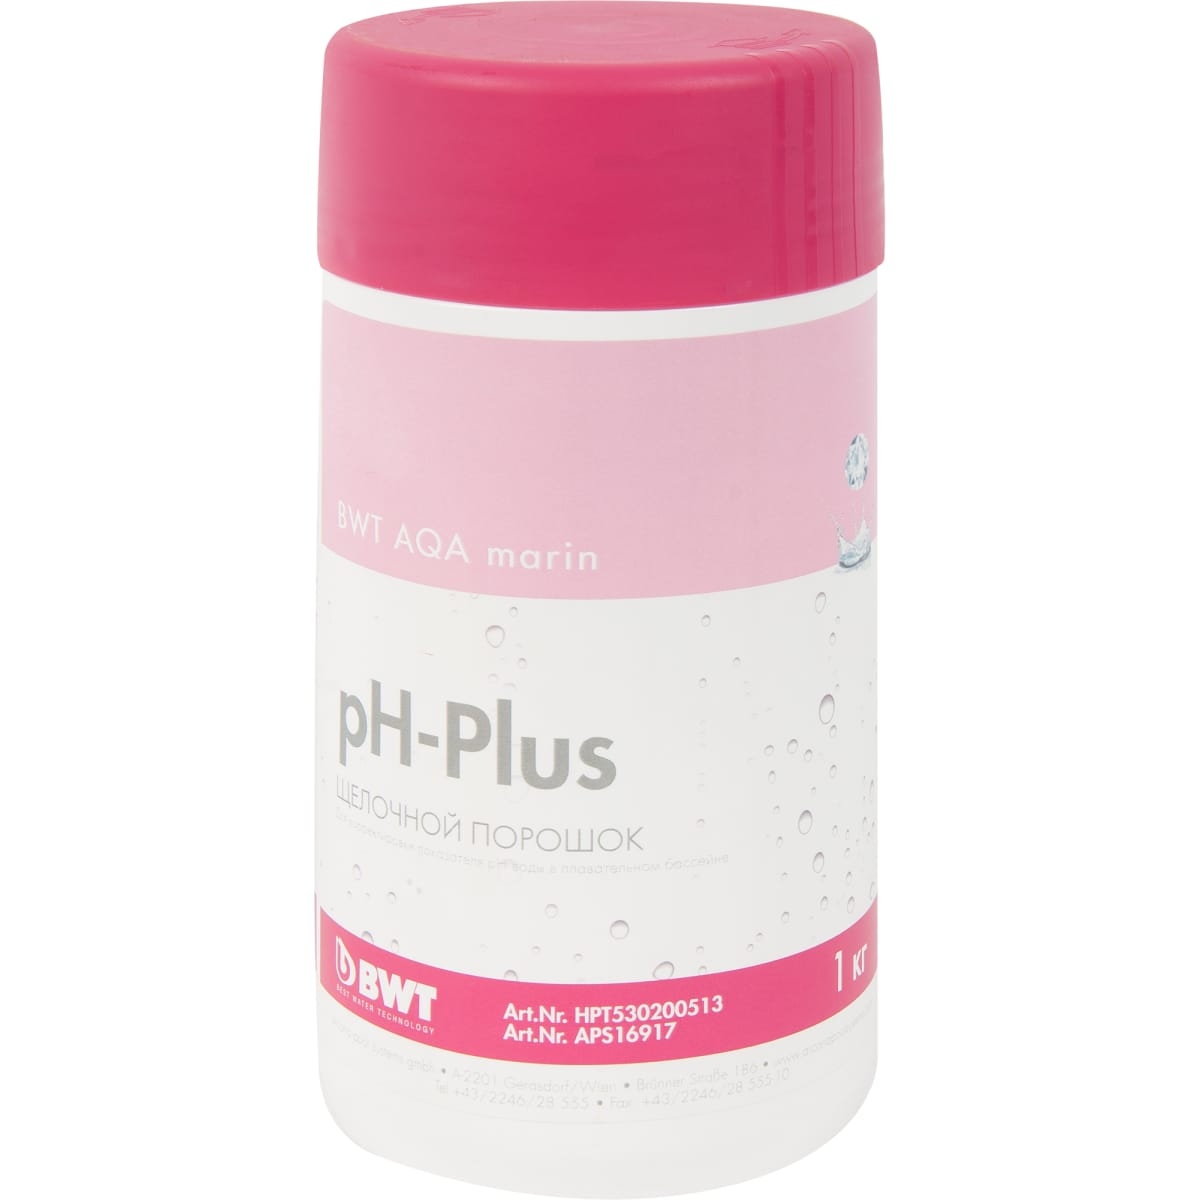 Щёлочный порошок BWT AQA marin pH Plus, 1кг